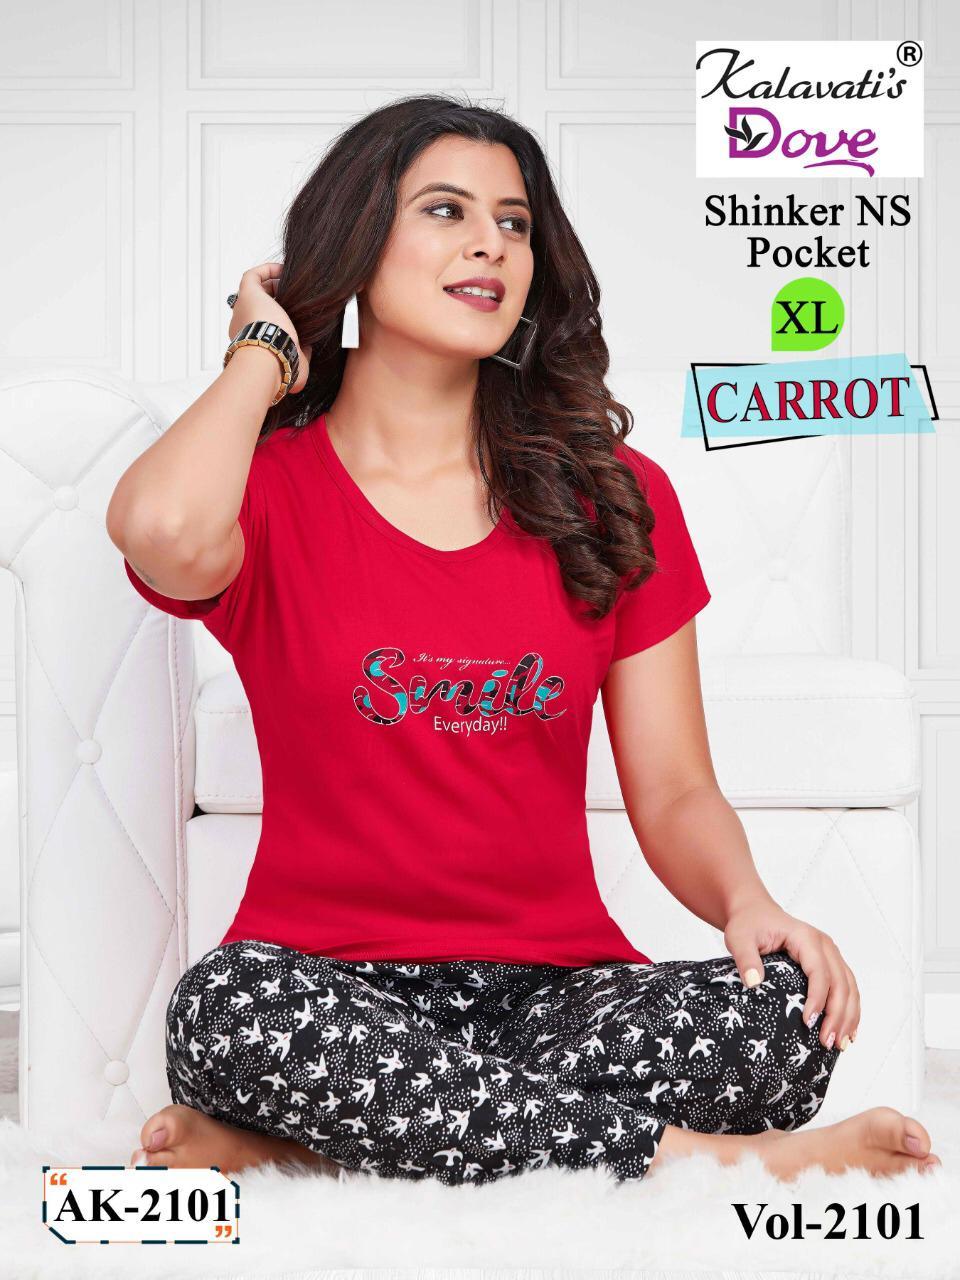 Kalavati Dove Carrot Night Wear Wholesale Catalog 6 Pcs 6 - Kalavati Dove Carrot Night Wear Wholesale Catalog 6 Pcs